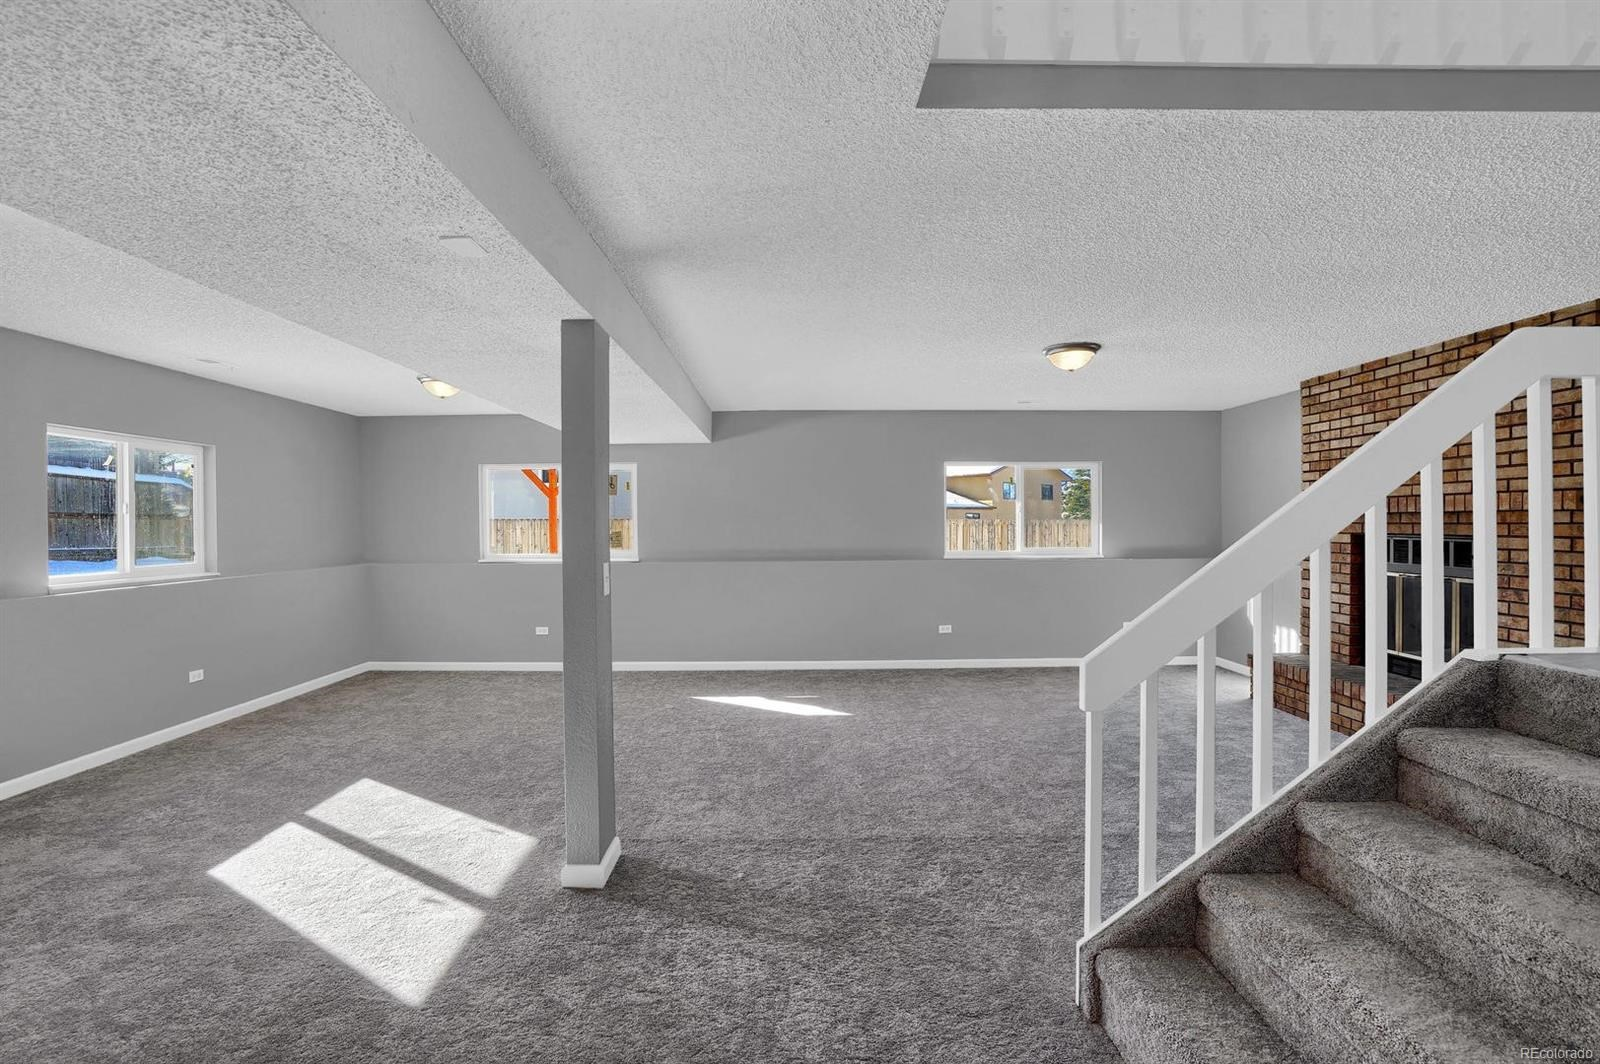 MLS# 3953190 - 20 - 2355 Parliament Drive, Colorado Springs, CO 80920